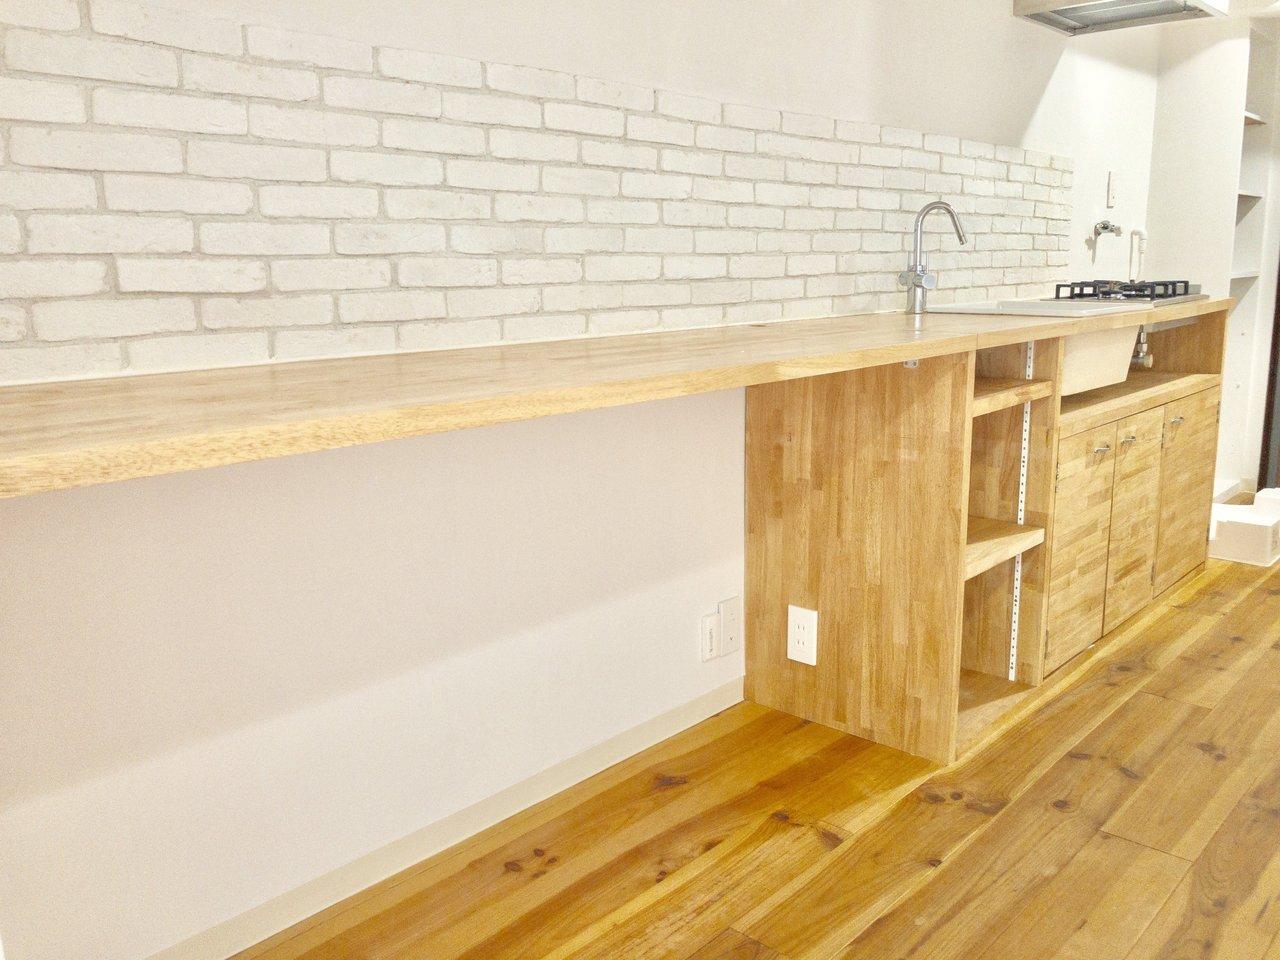 カウンターが長いので、左側に椅子を置いてここでごはんを食べてもいいですね。ダイニングテーブルを置かなくてもいい感じ。